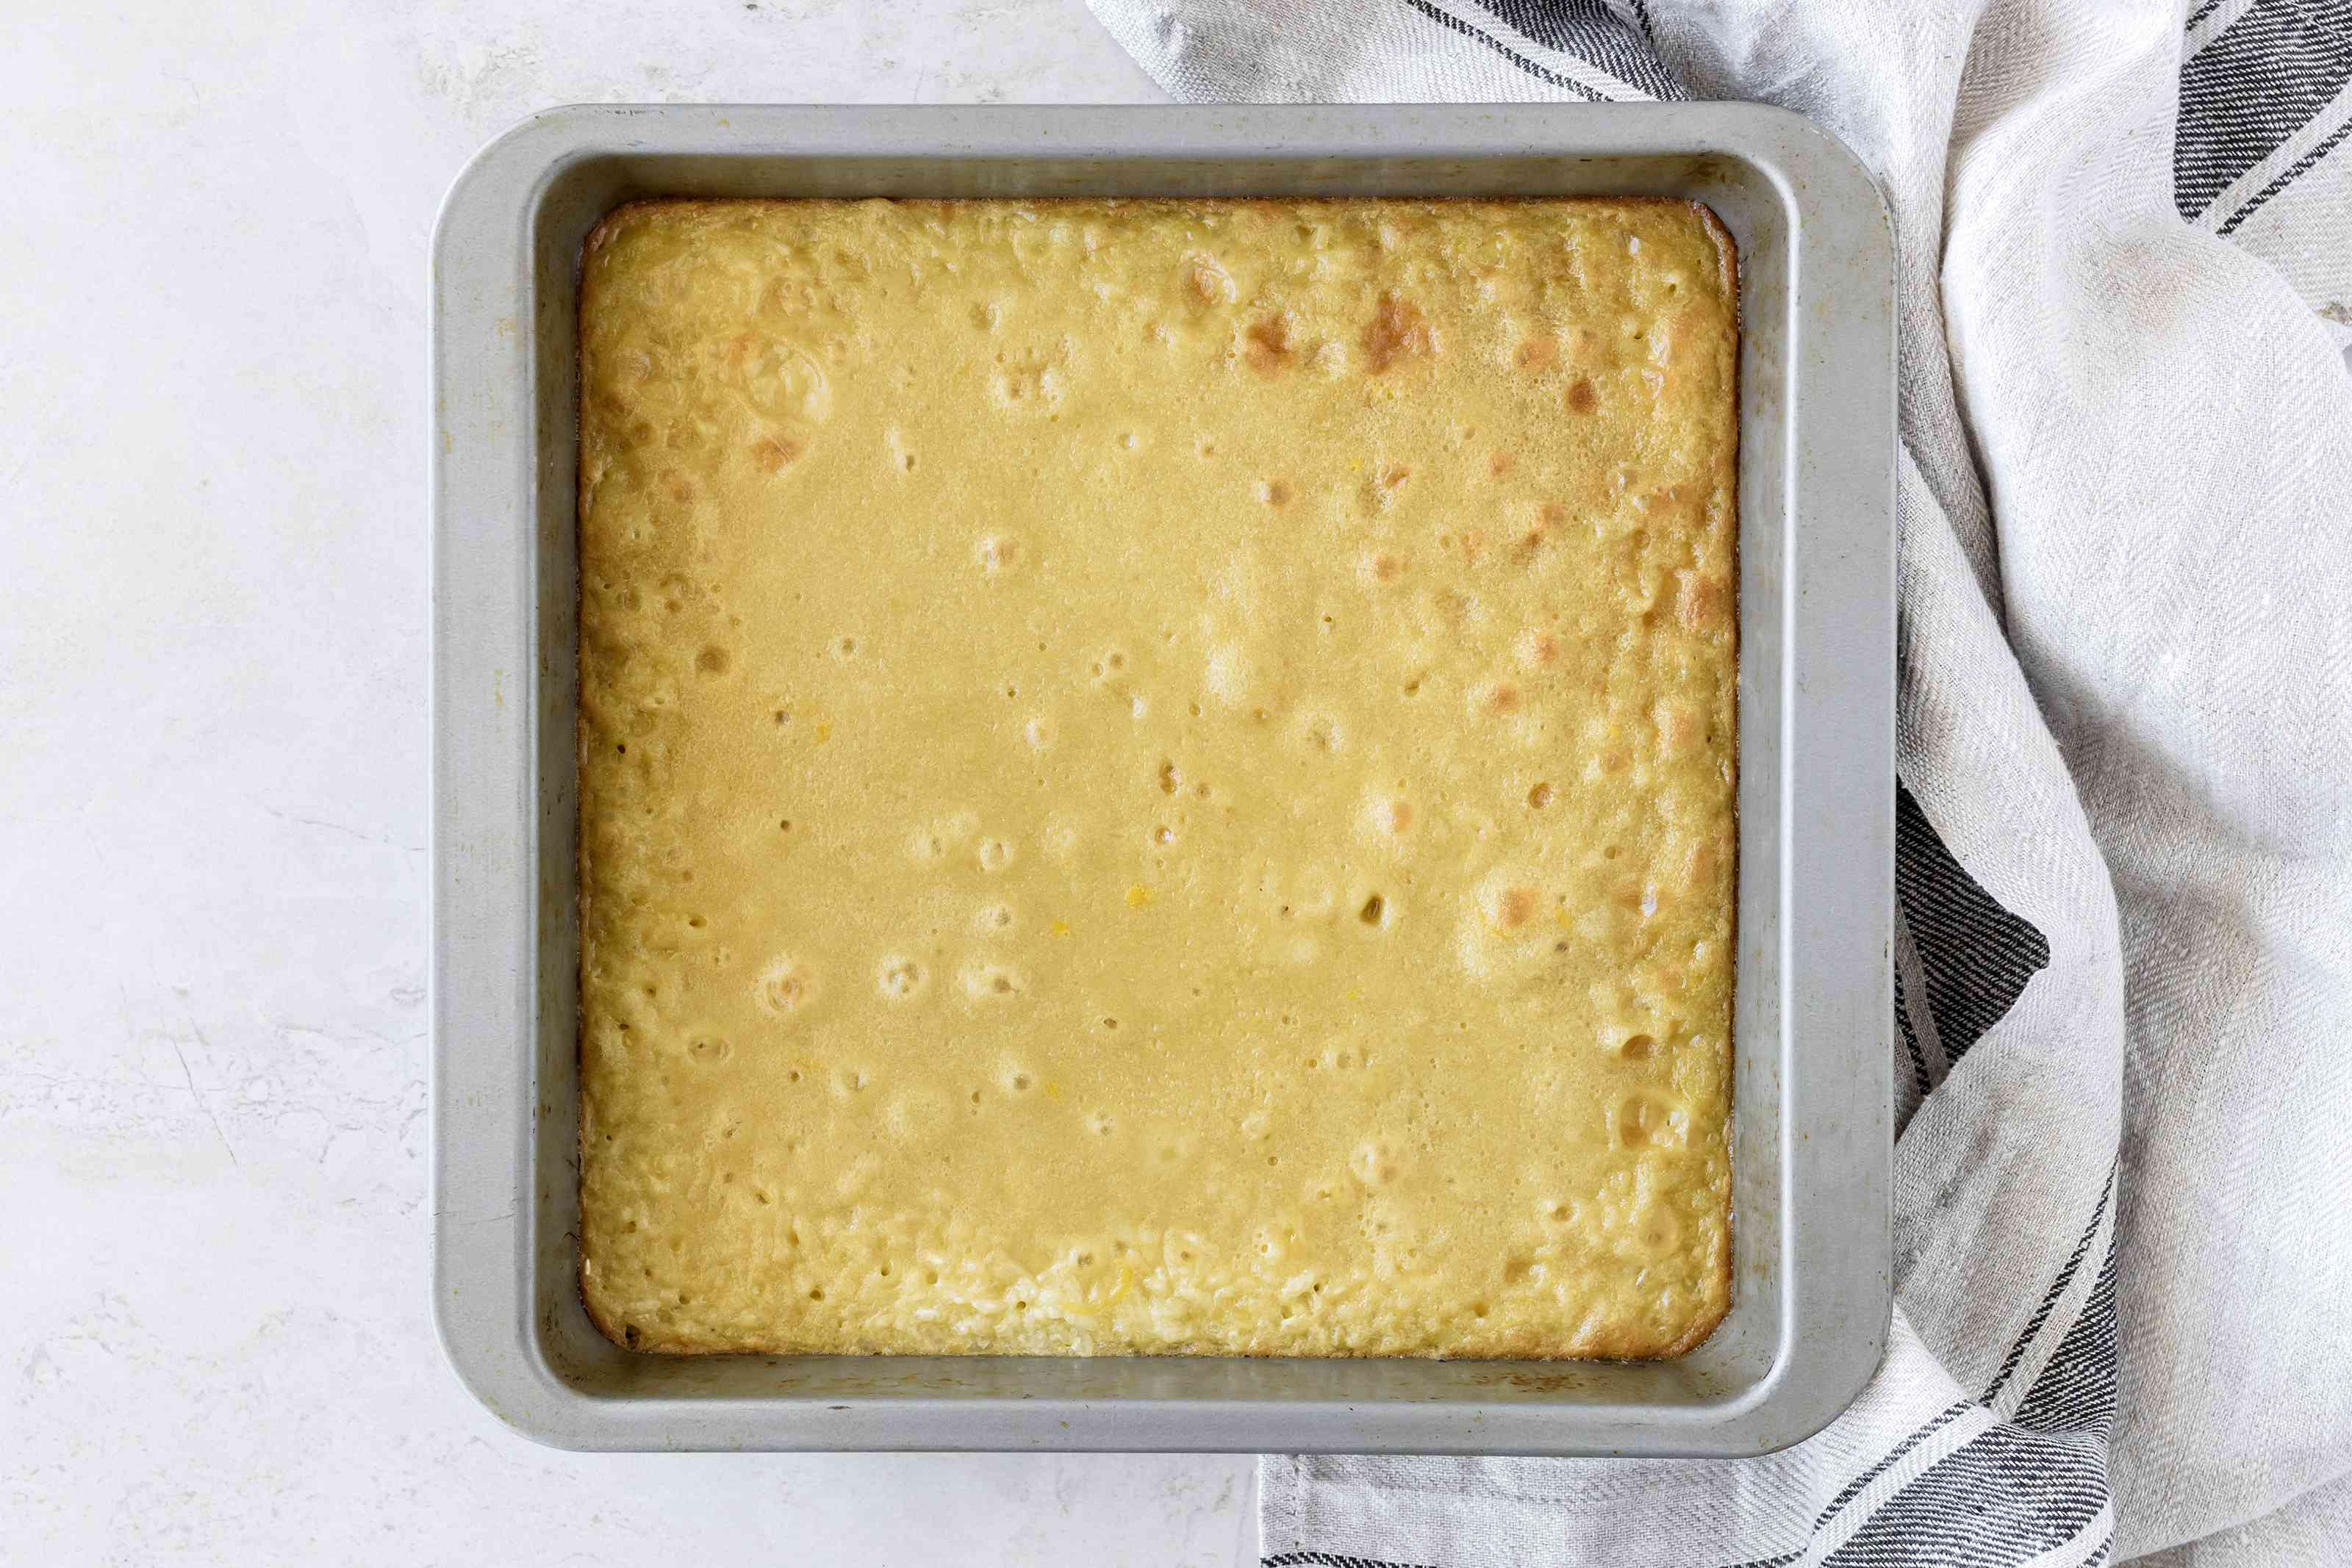 Bake rice cake